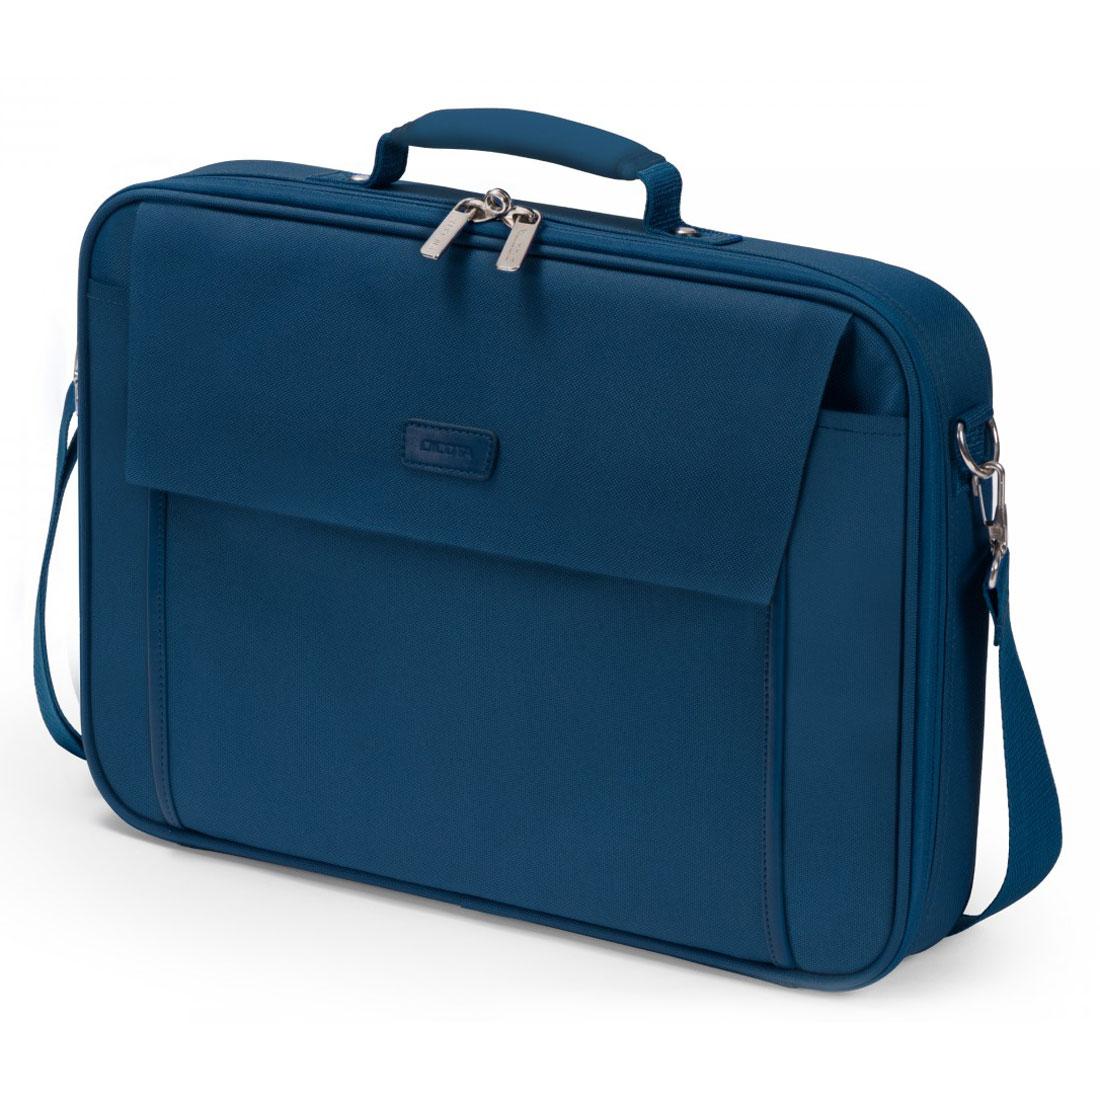 """Sac, sacoche, housse Dicota Multi Base 15-17.3"""" (bleu) Sacoche pour ordinateur portable (jusqu'à 17.3"""")"""